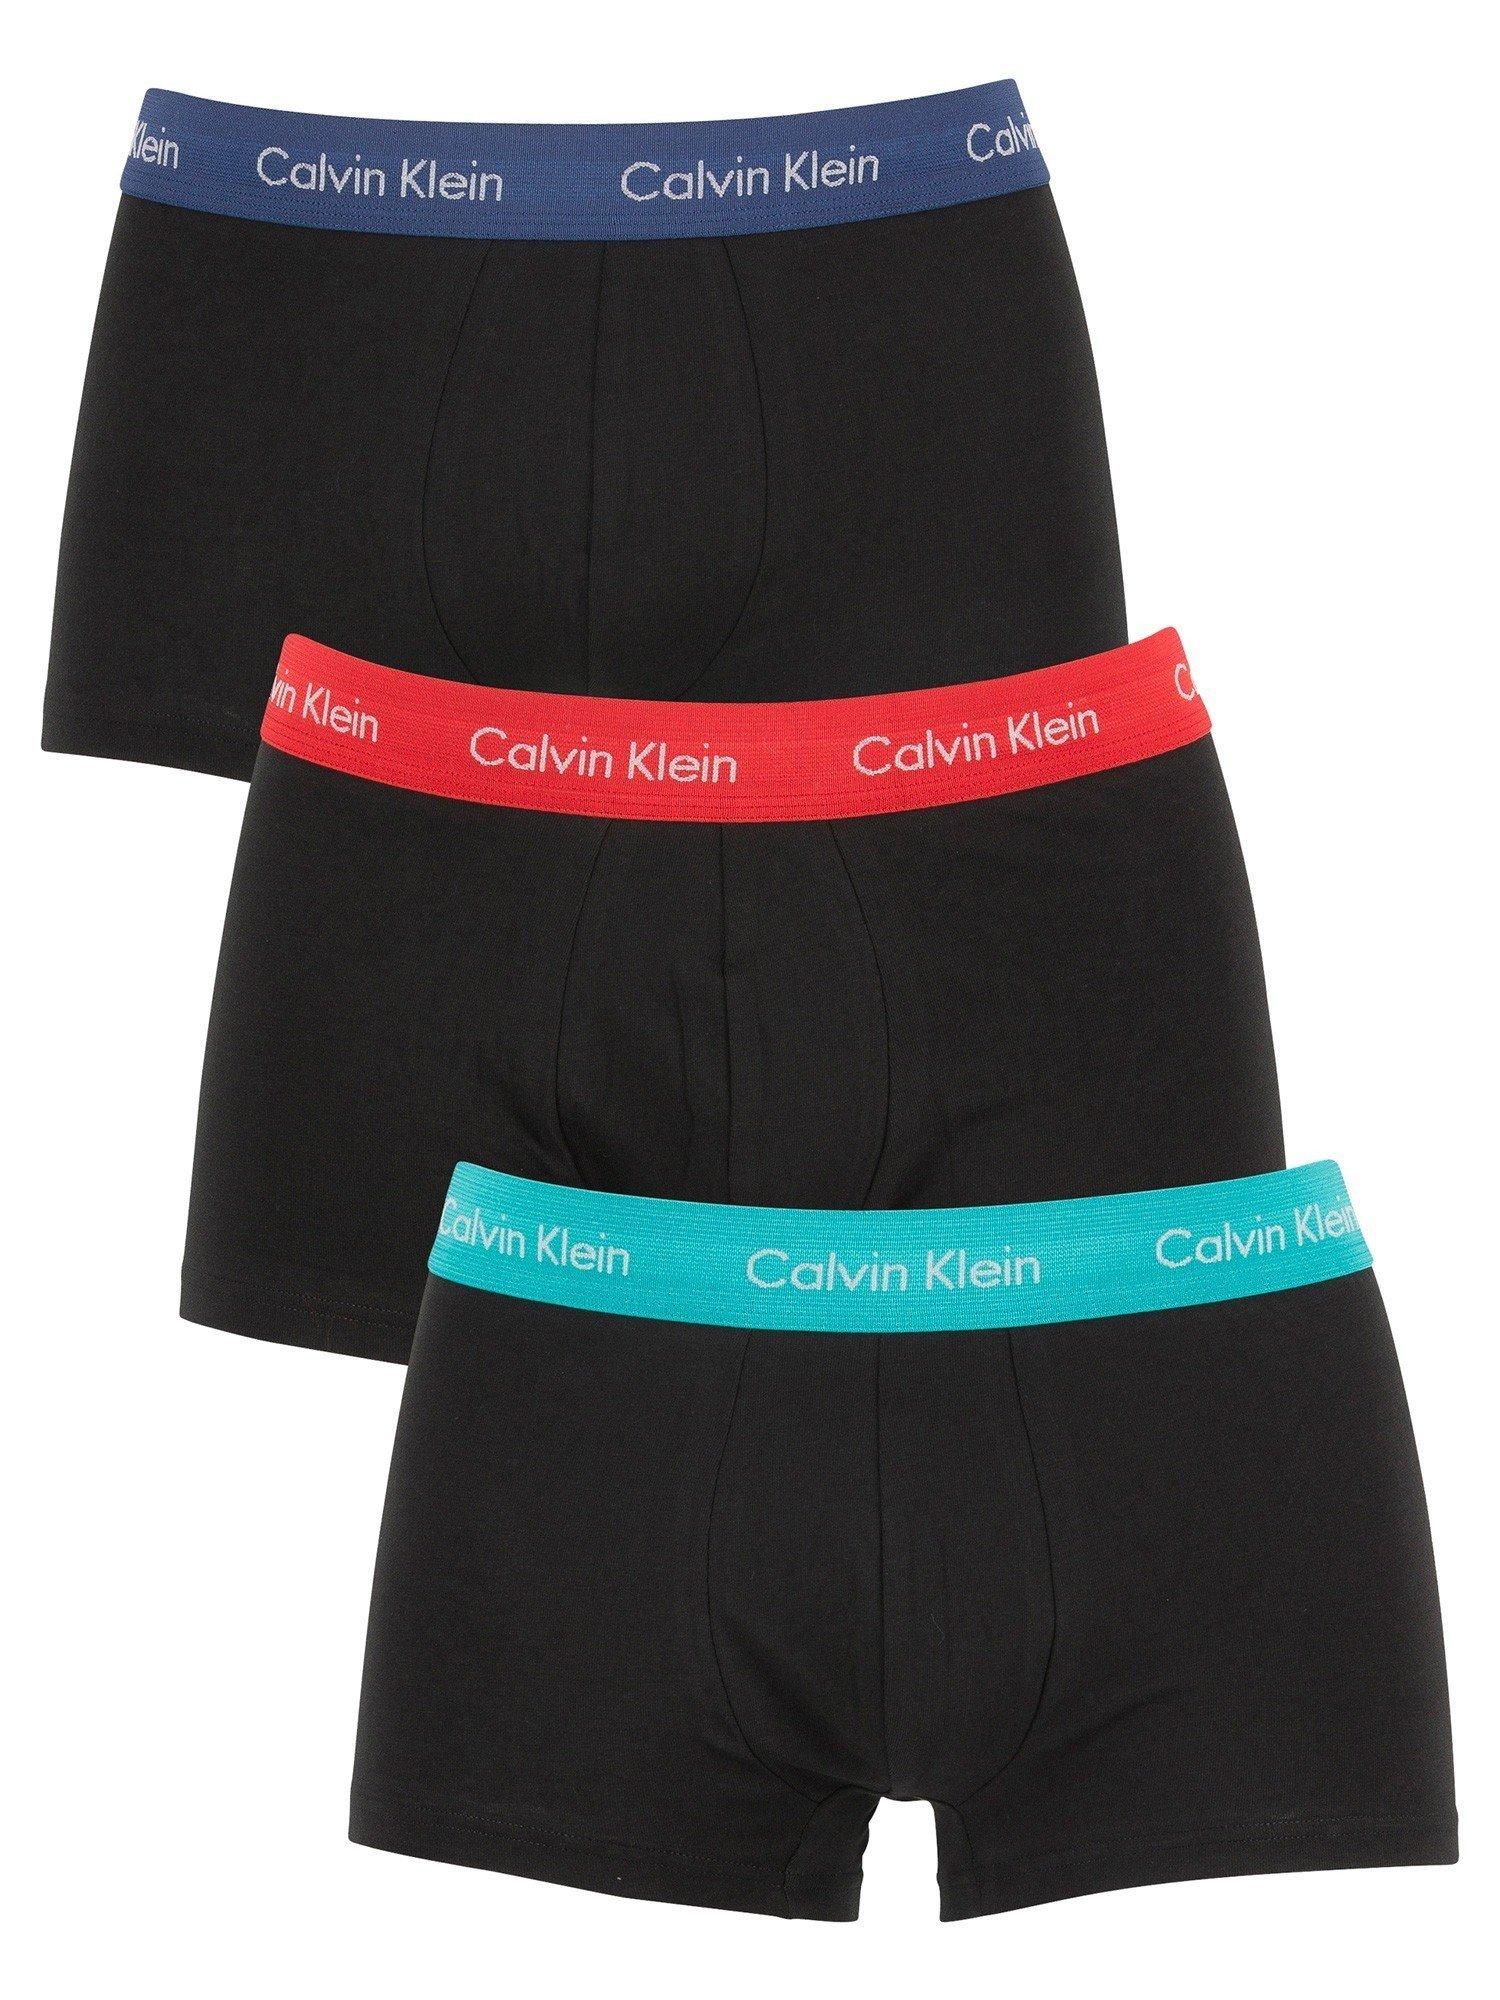 Calvin Klein Men's 3 Pack Trunks, Black, Large